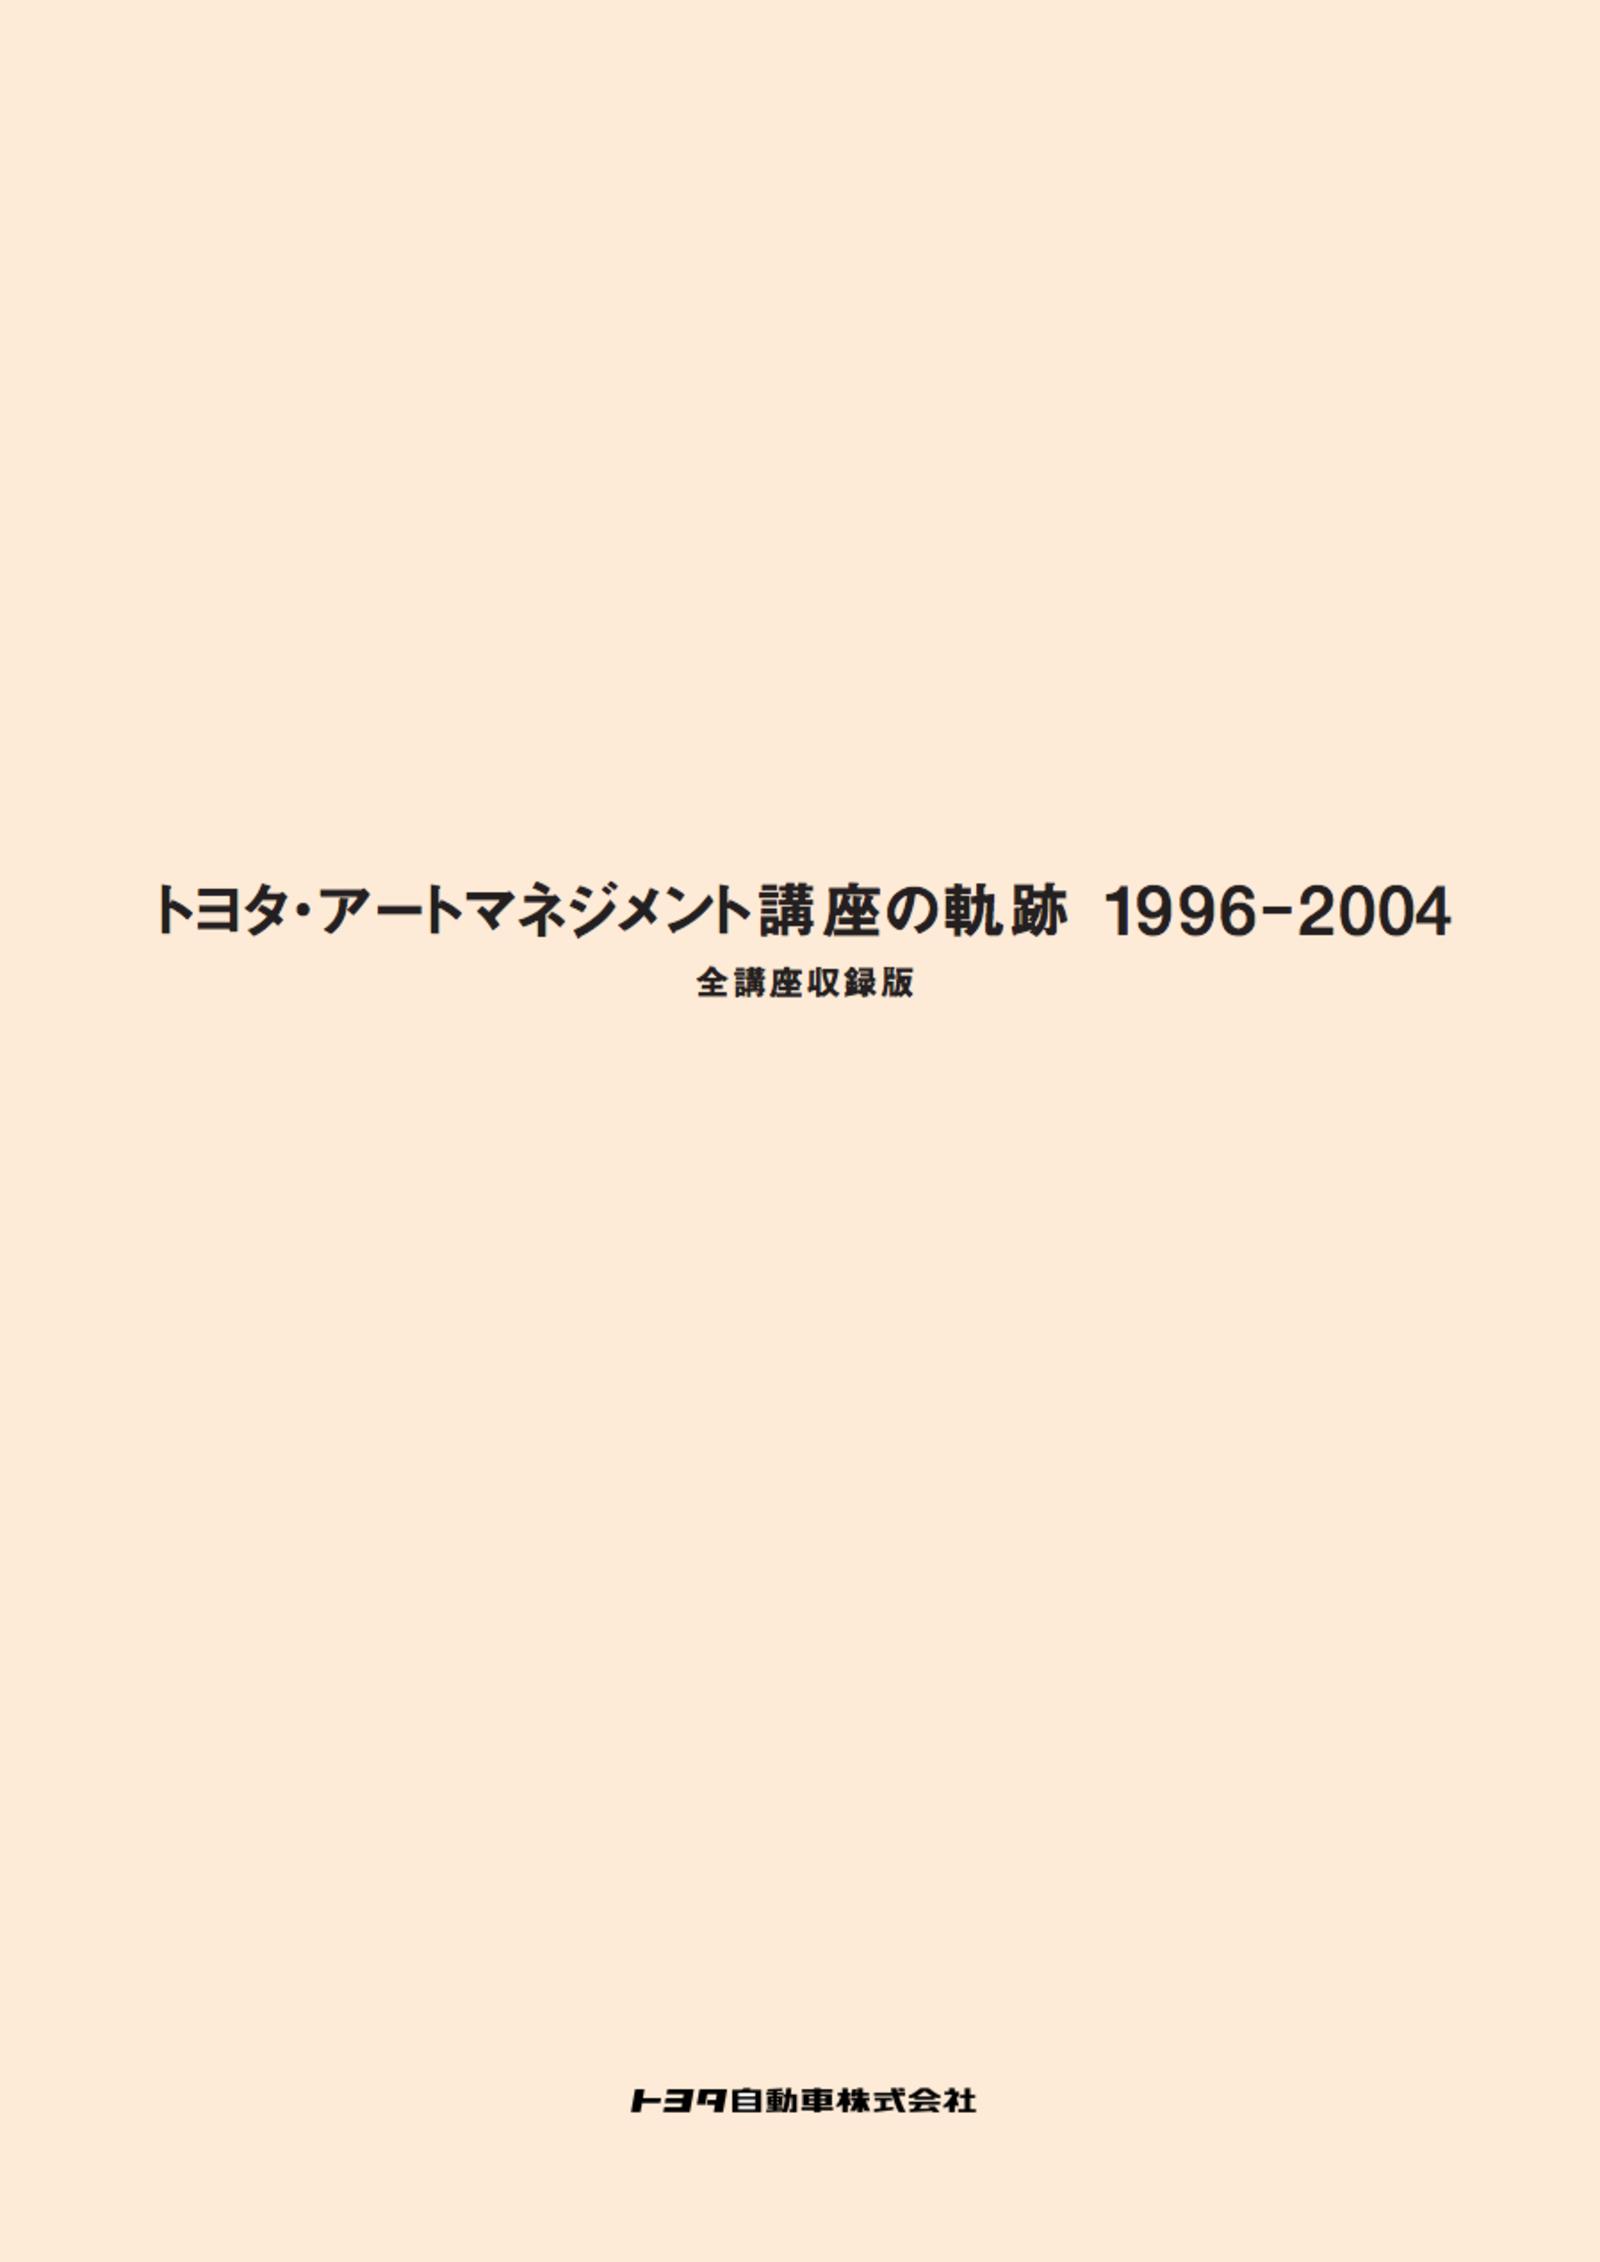 『トヨタ・アートマネジメント講座の軌跡 1996-2004』